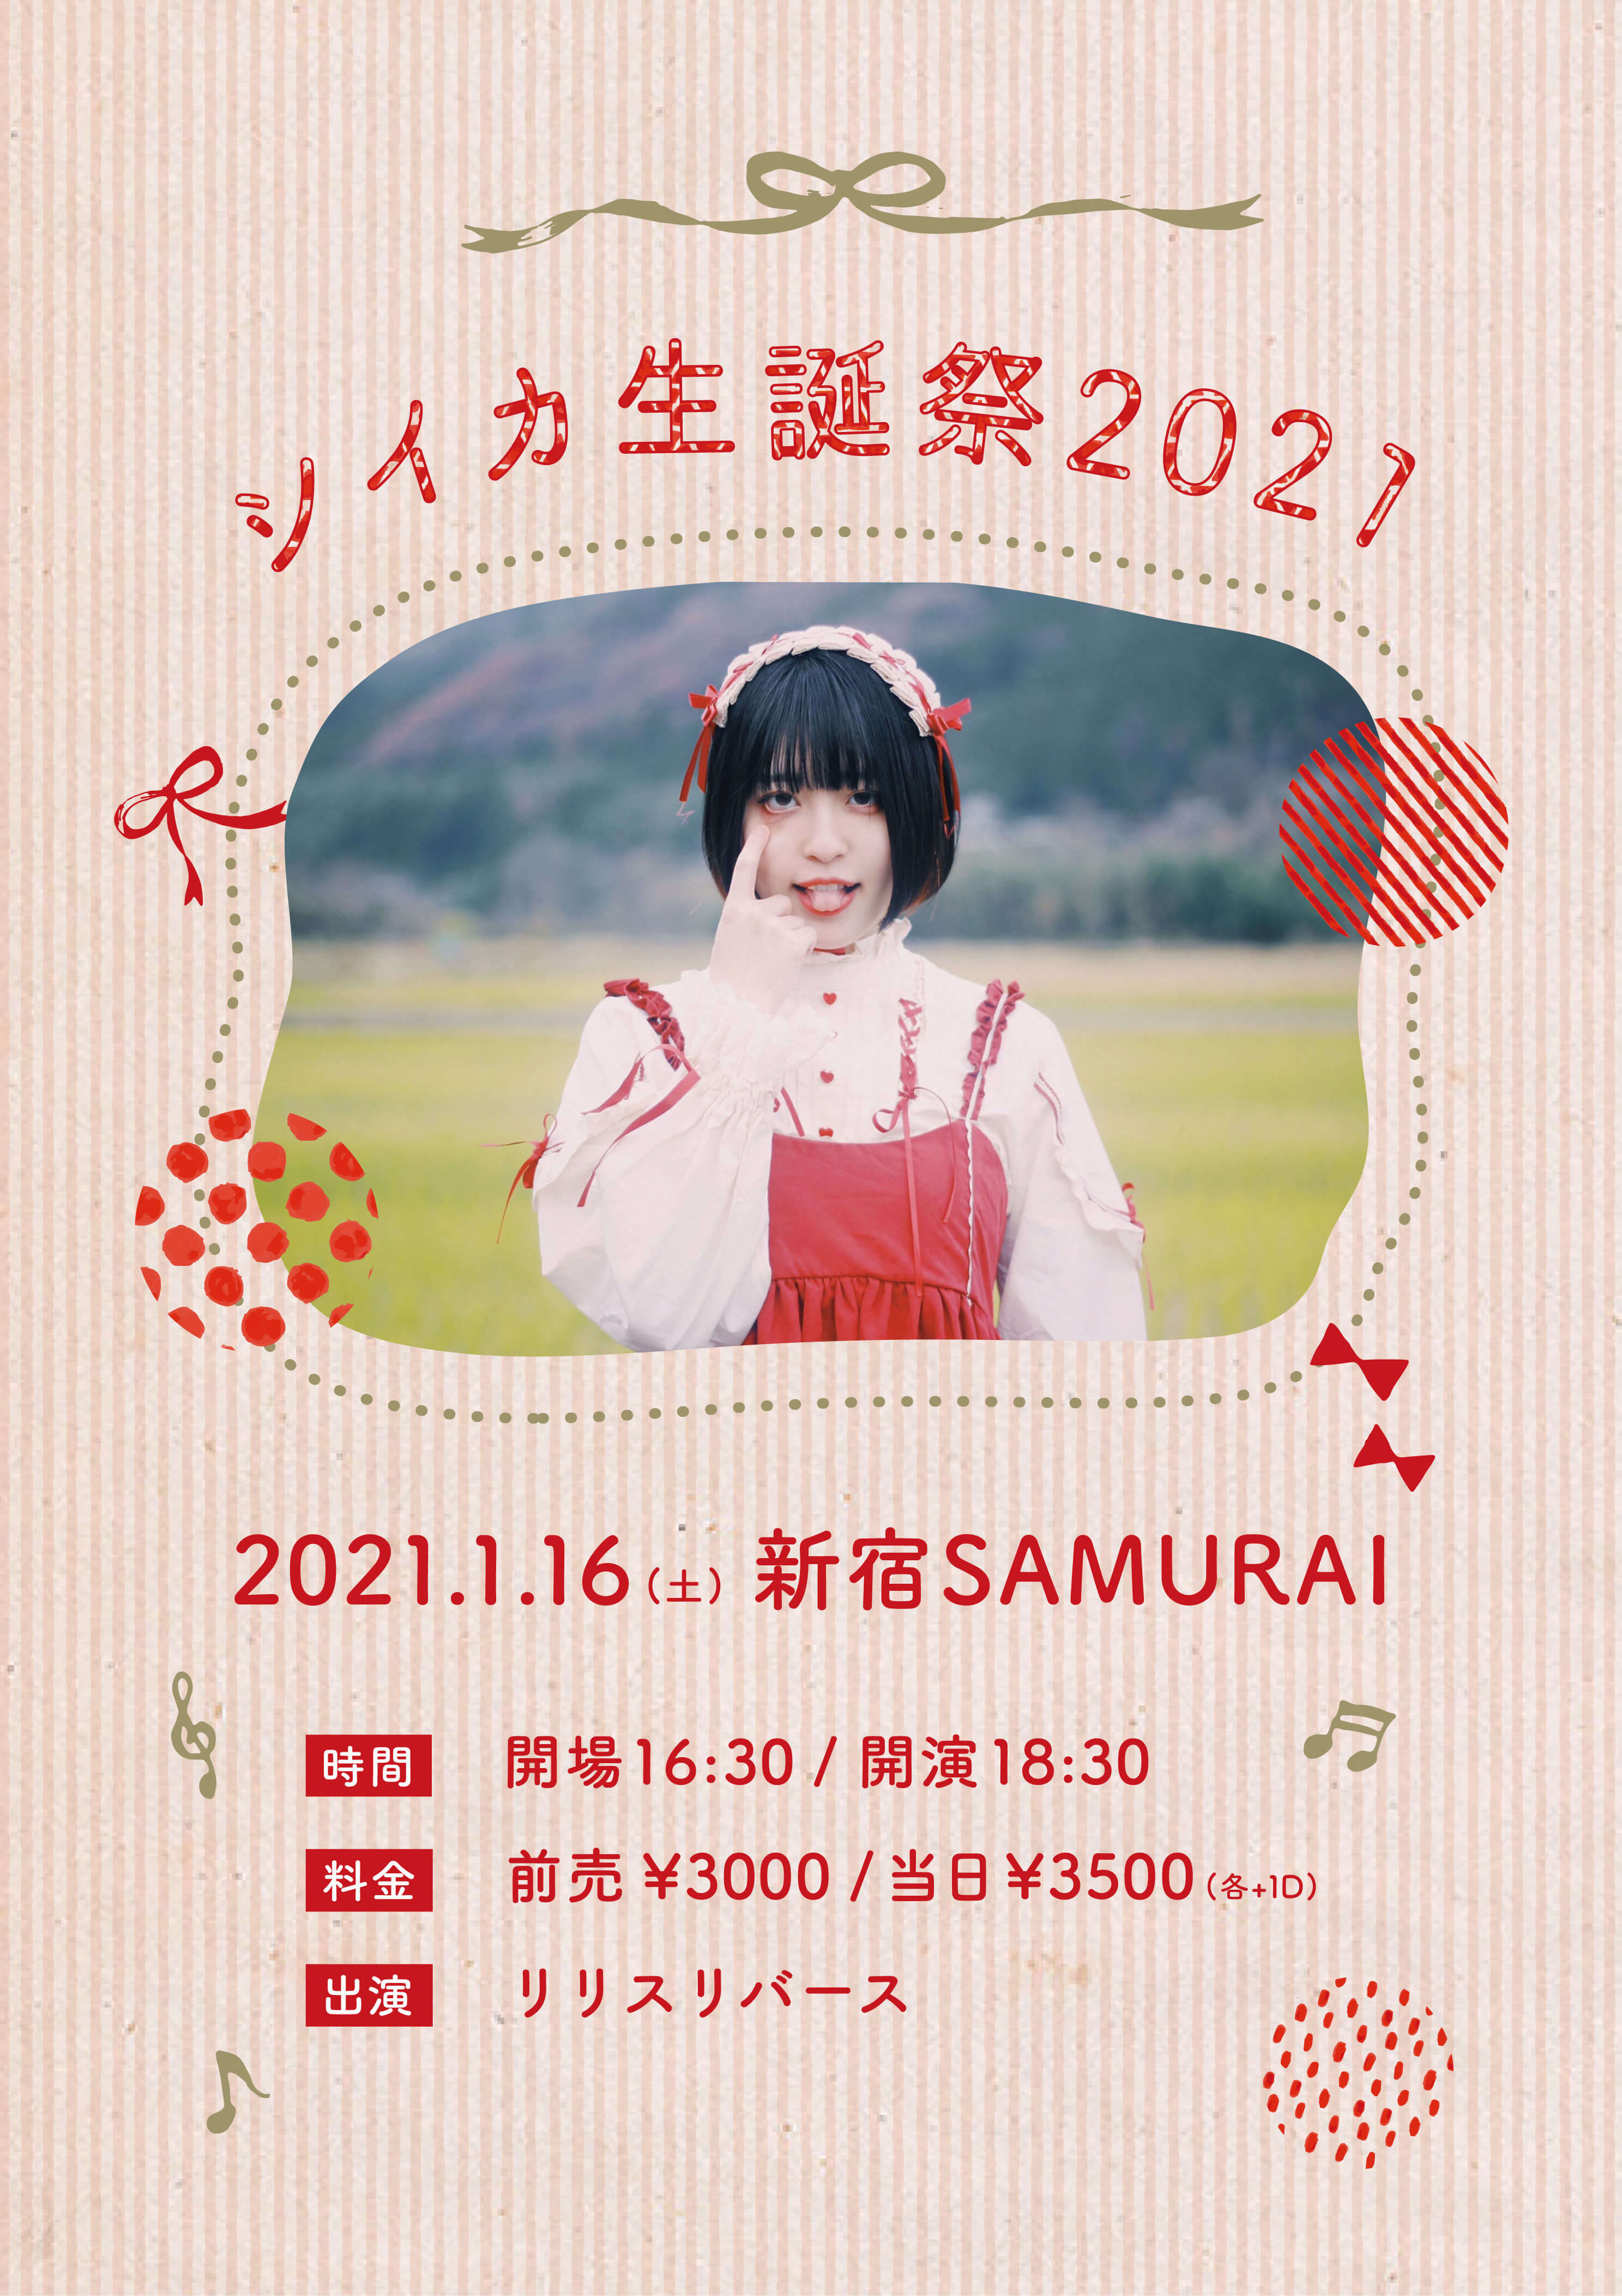 【時間変更】シイカ生誕祭2021